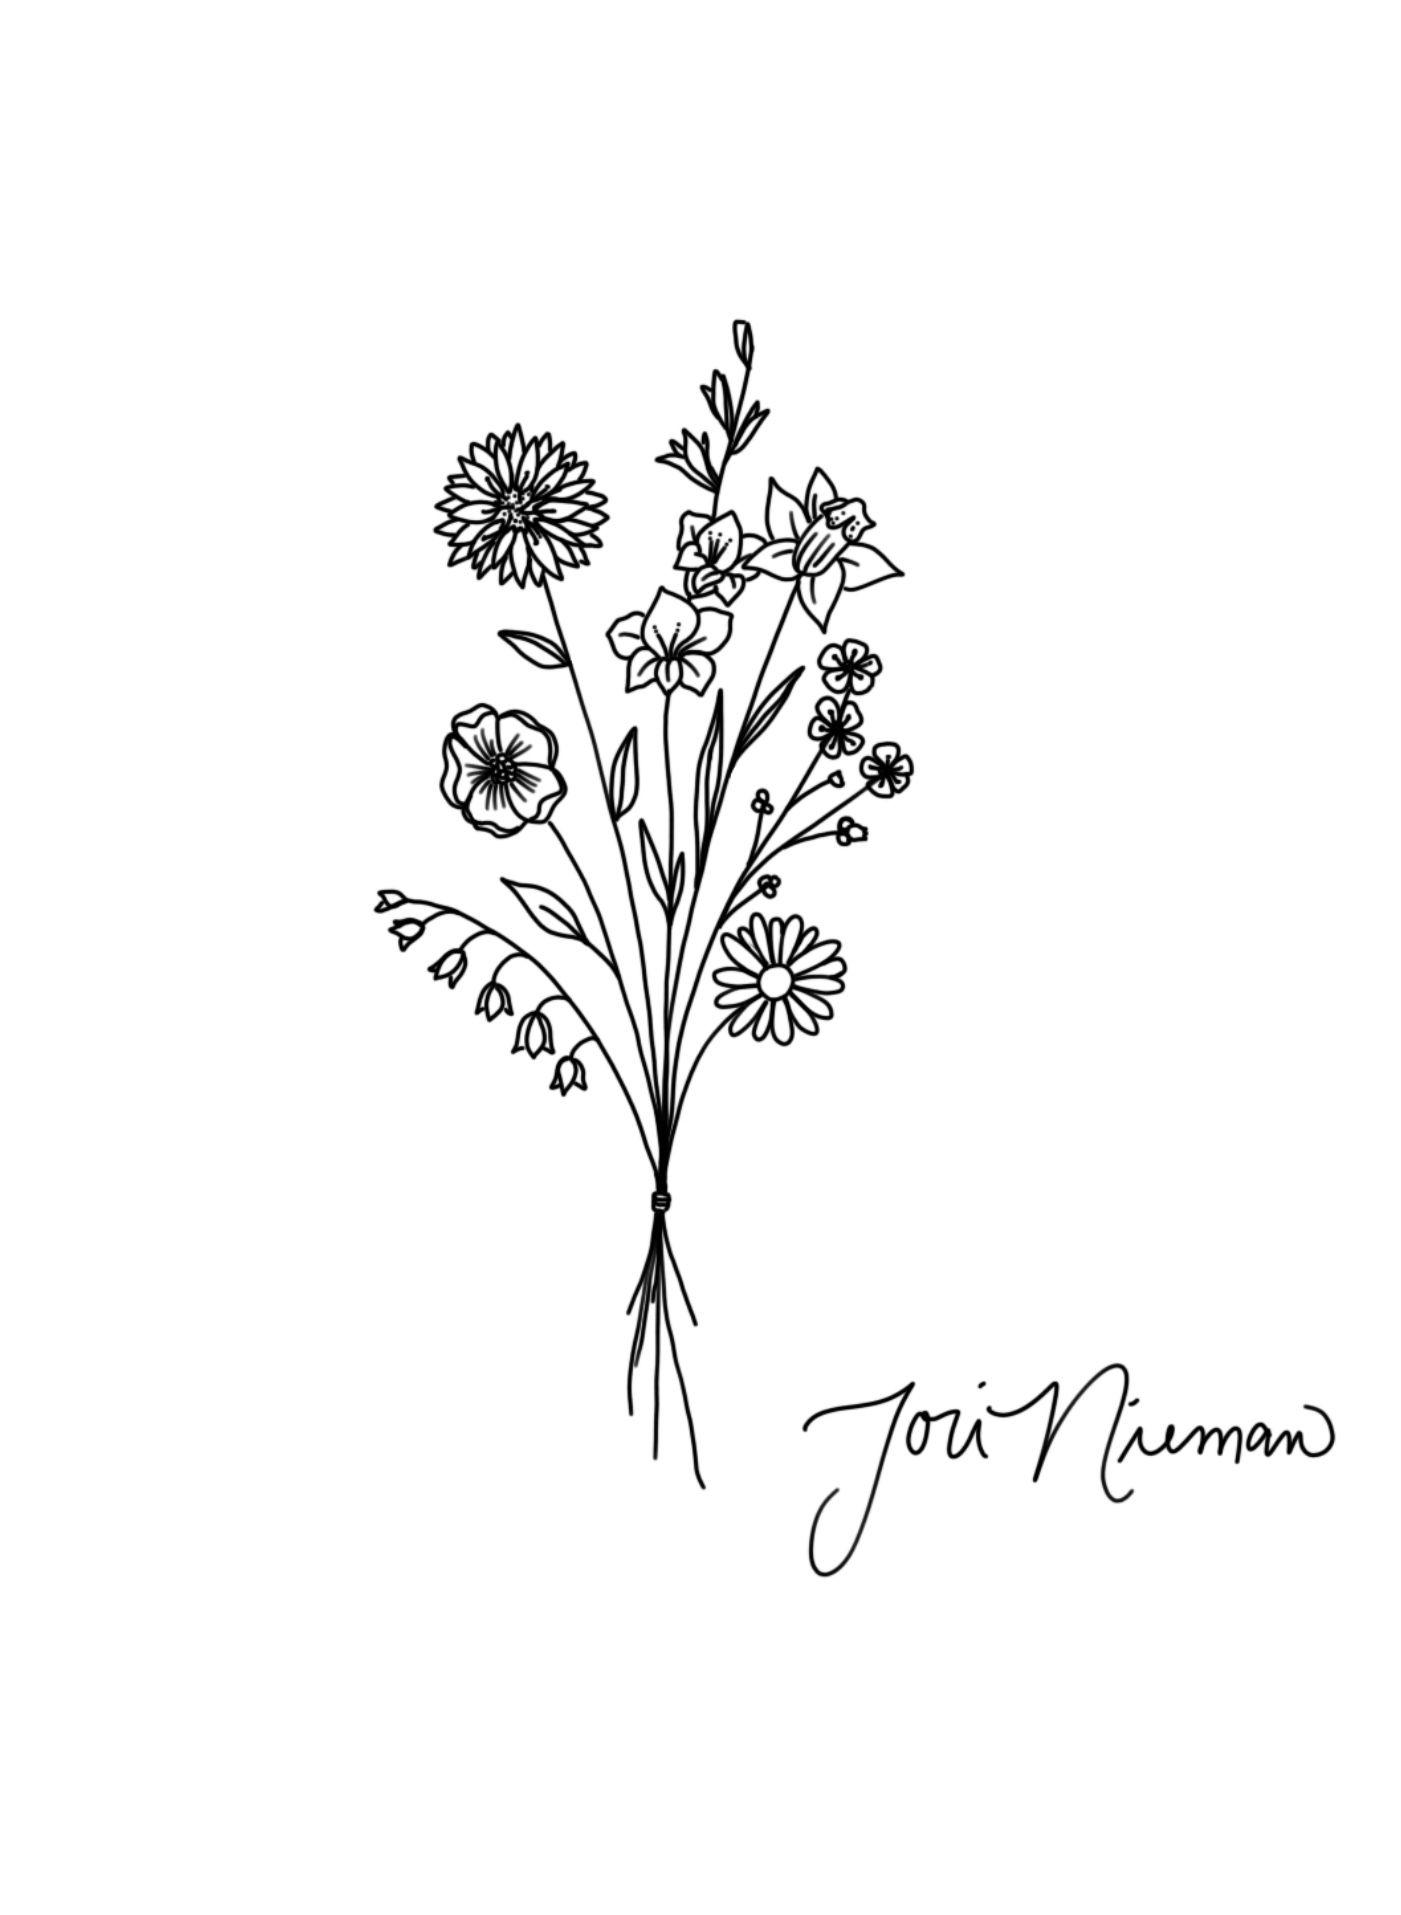 Pin By Tori Nieman On Projects Bouquet Tattoo Tattoos Flower Bouquet Tattoo